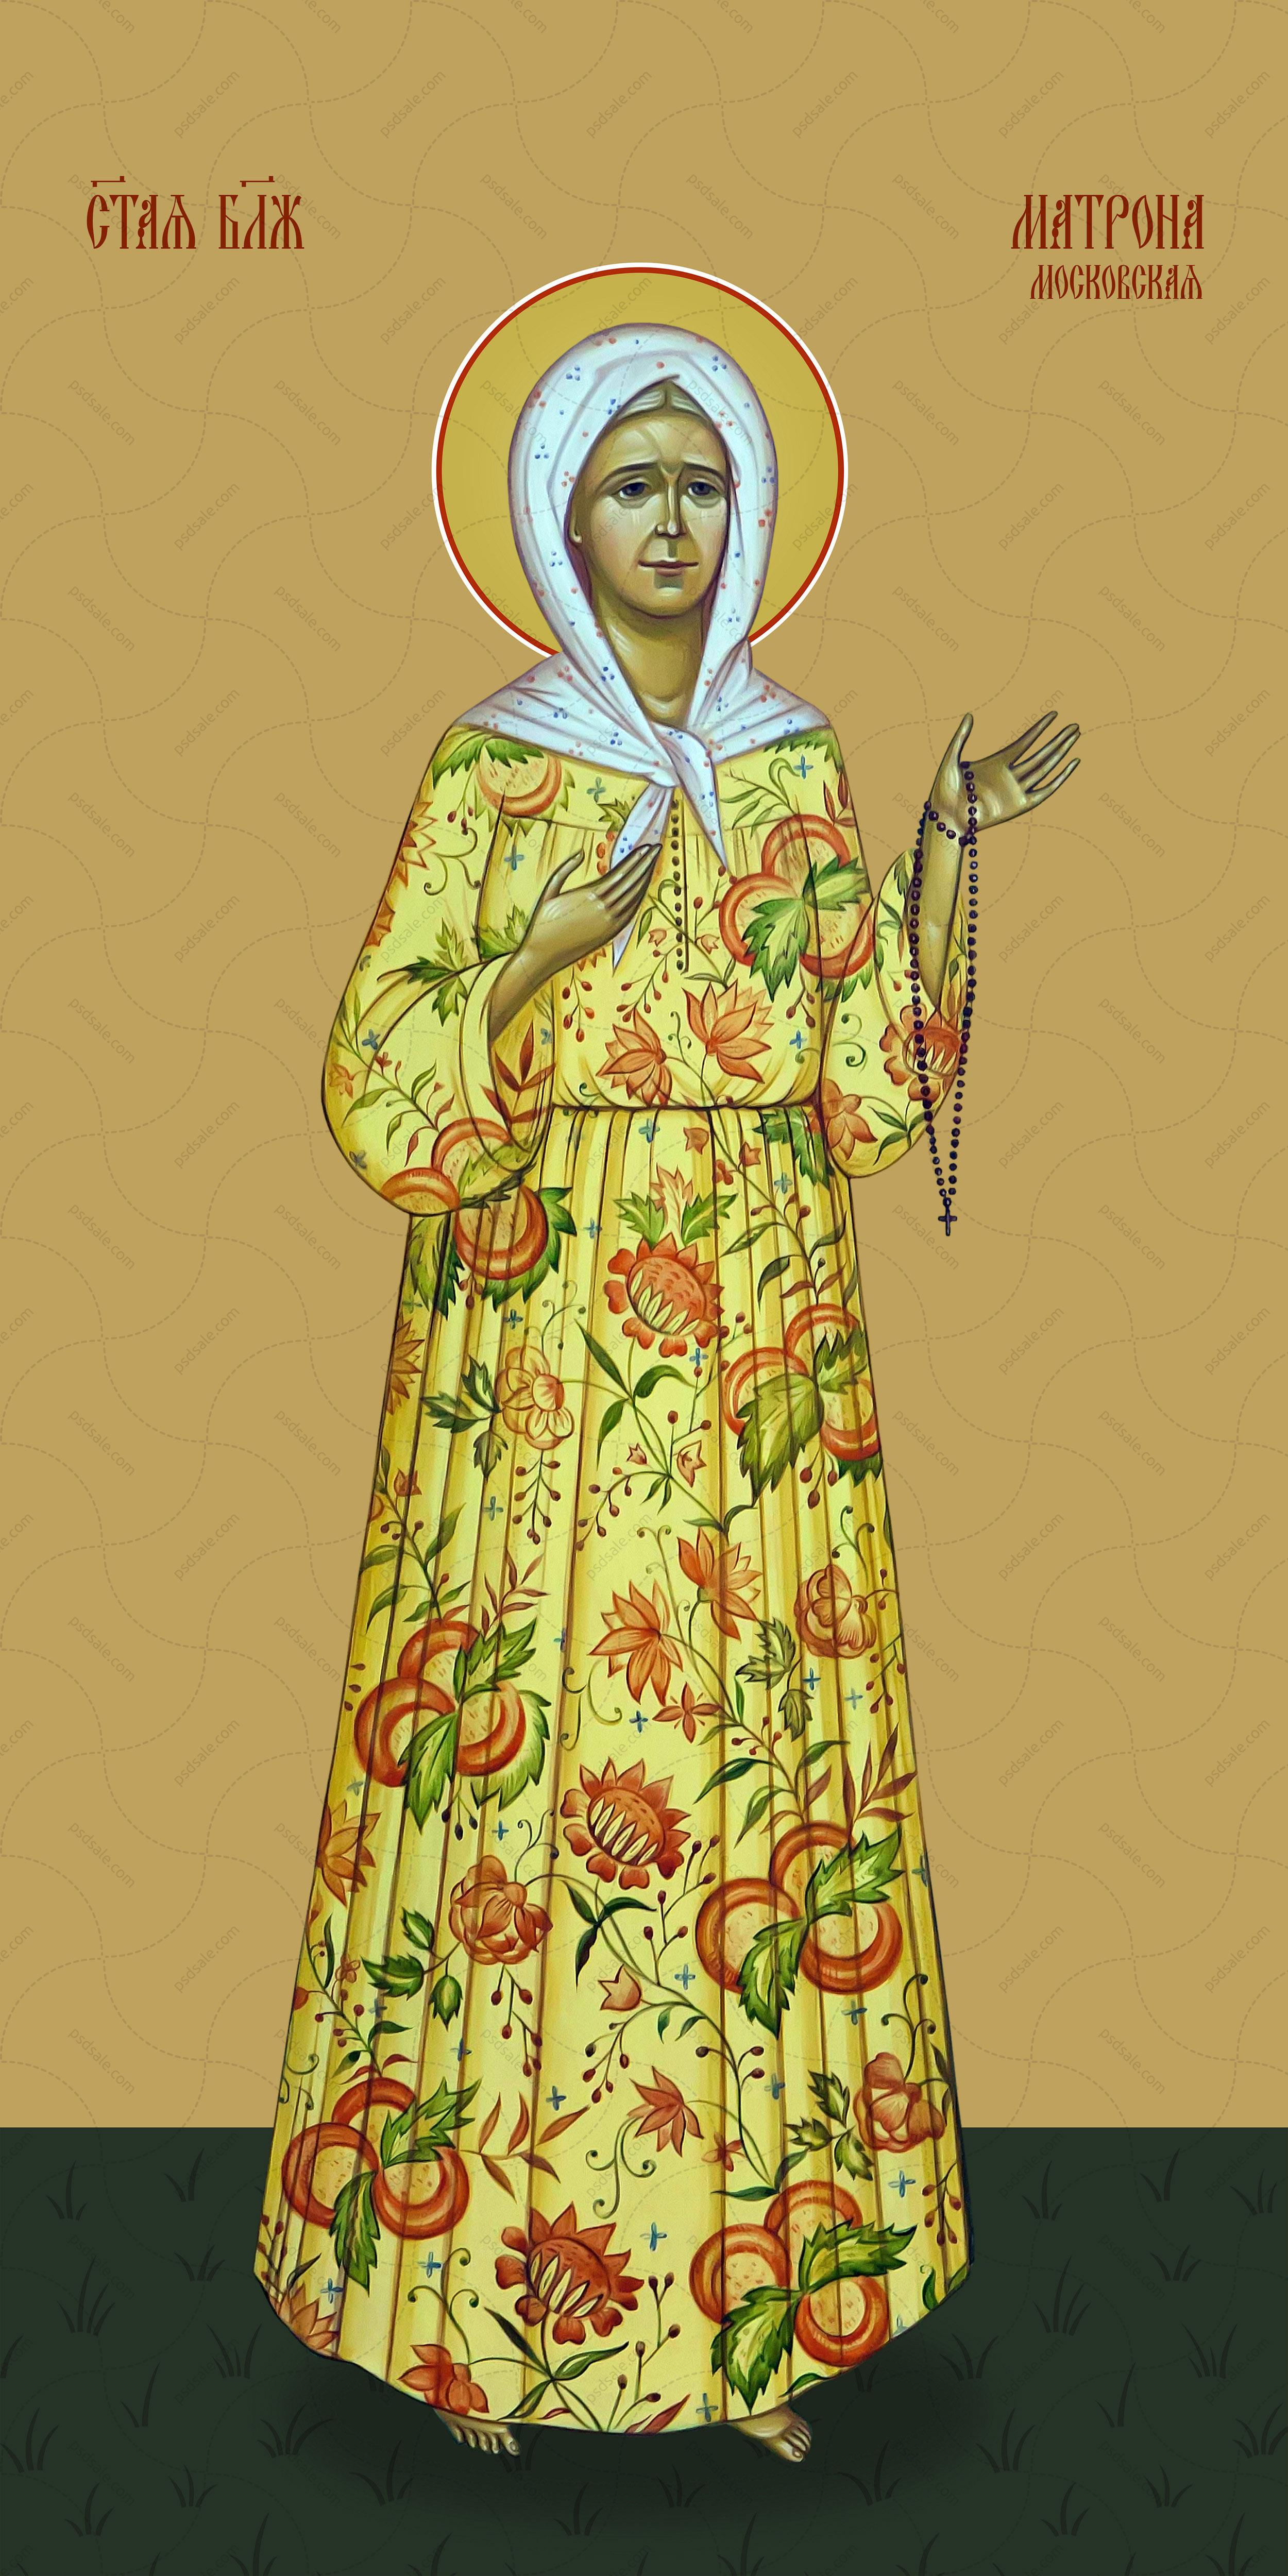 Мерная икона, Матрона Московская, святая блаженная